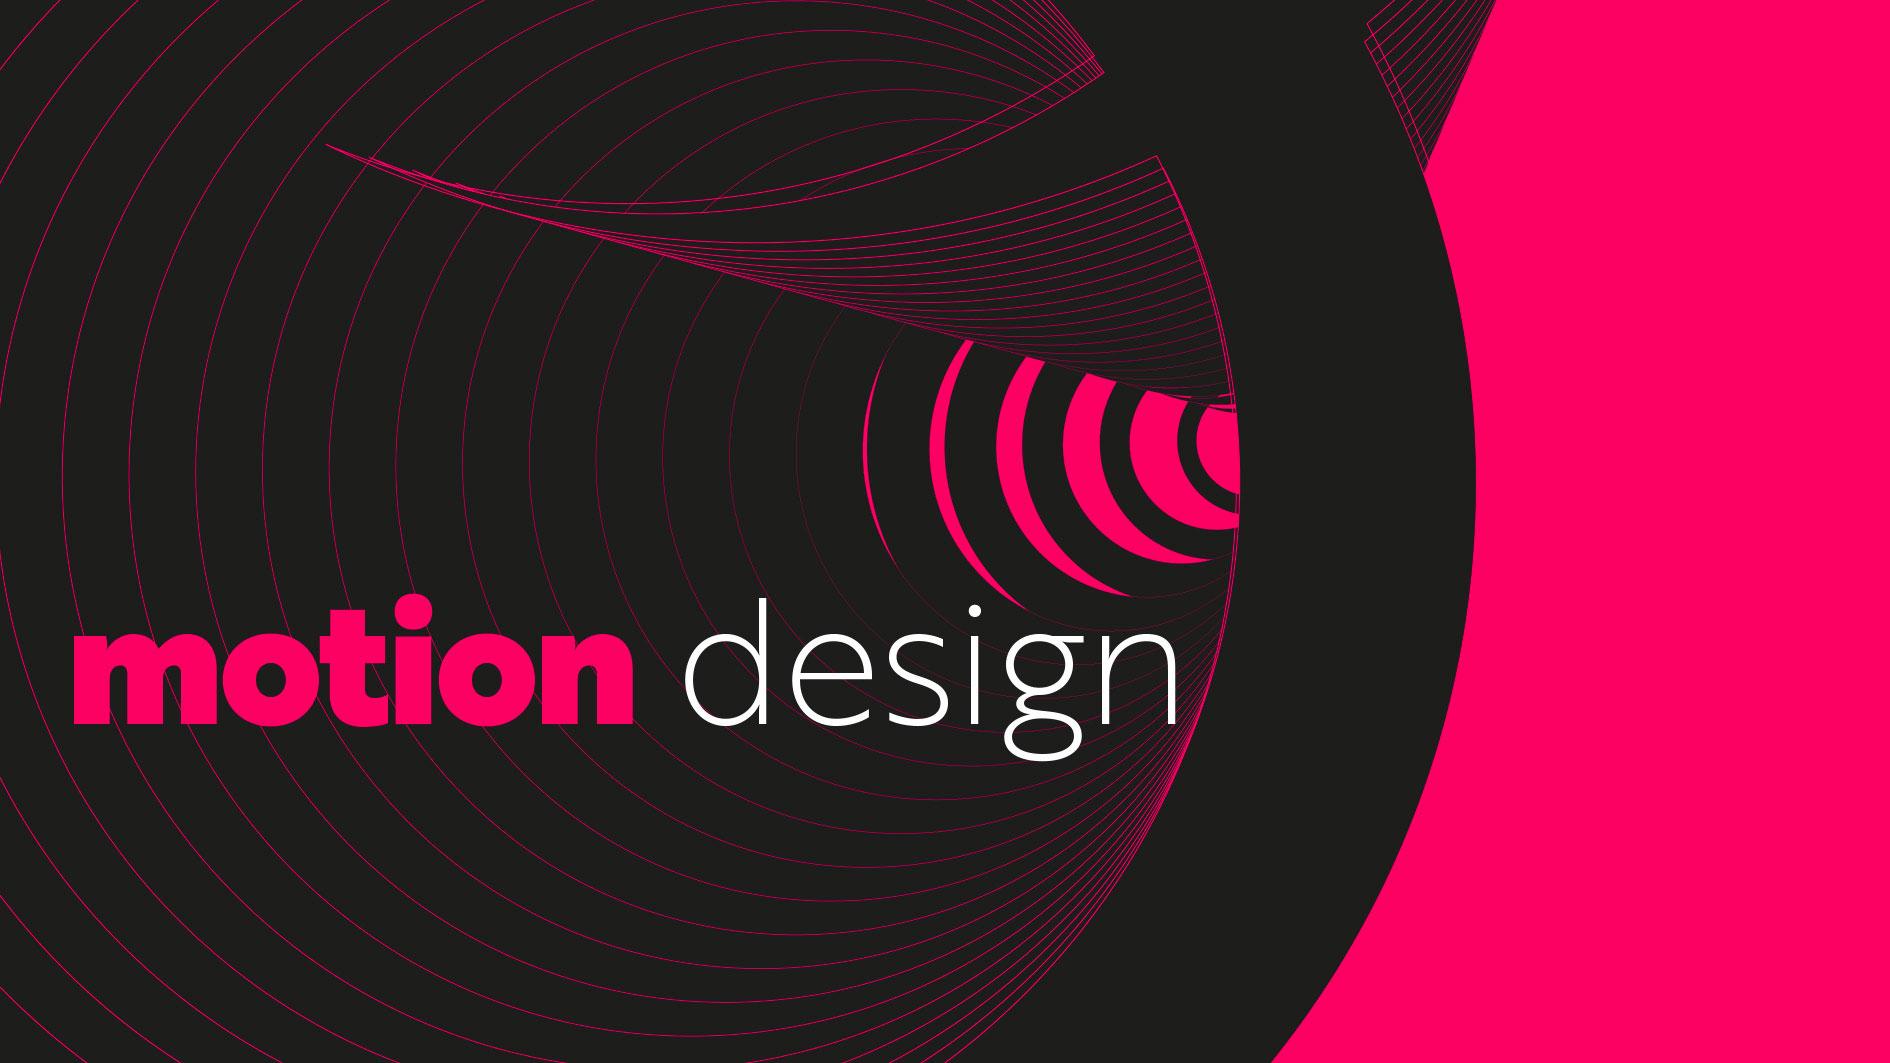 Motion design visuel créatif